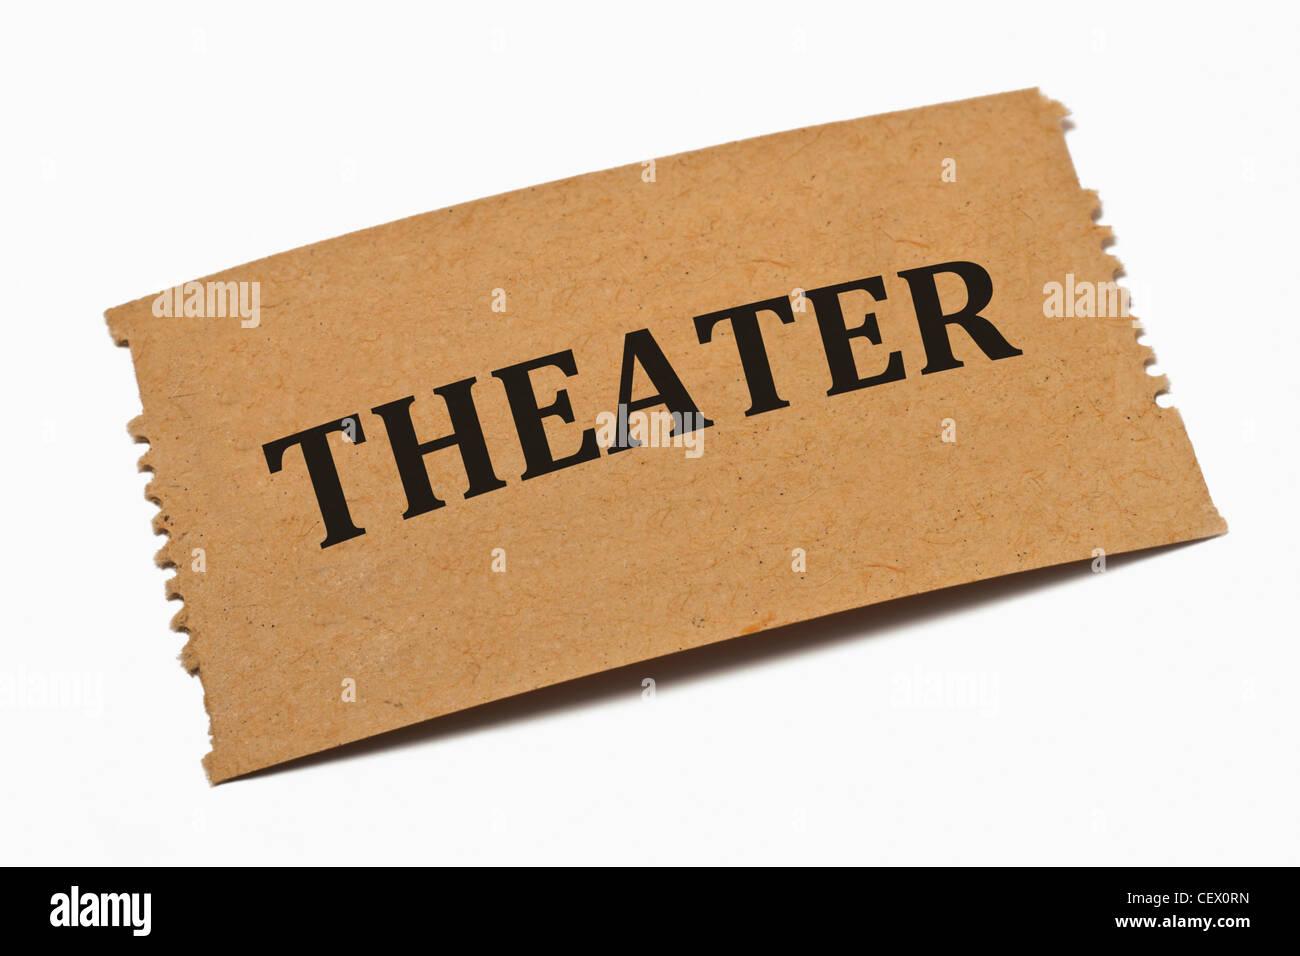 Detailansicht einer Karte aus Papier mit der Aufschrift Theater   Detail photo of a paper card with the inscription - Stock Image